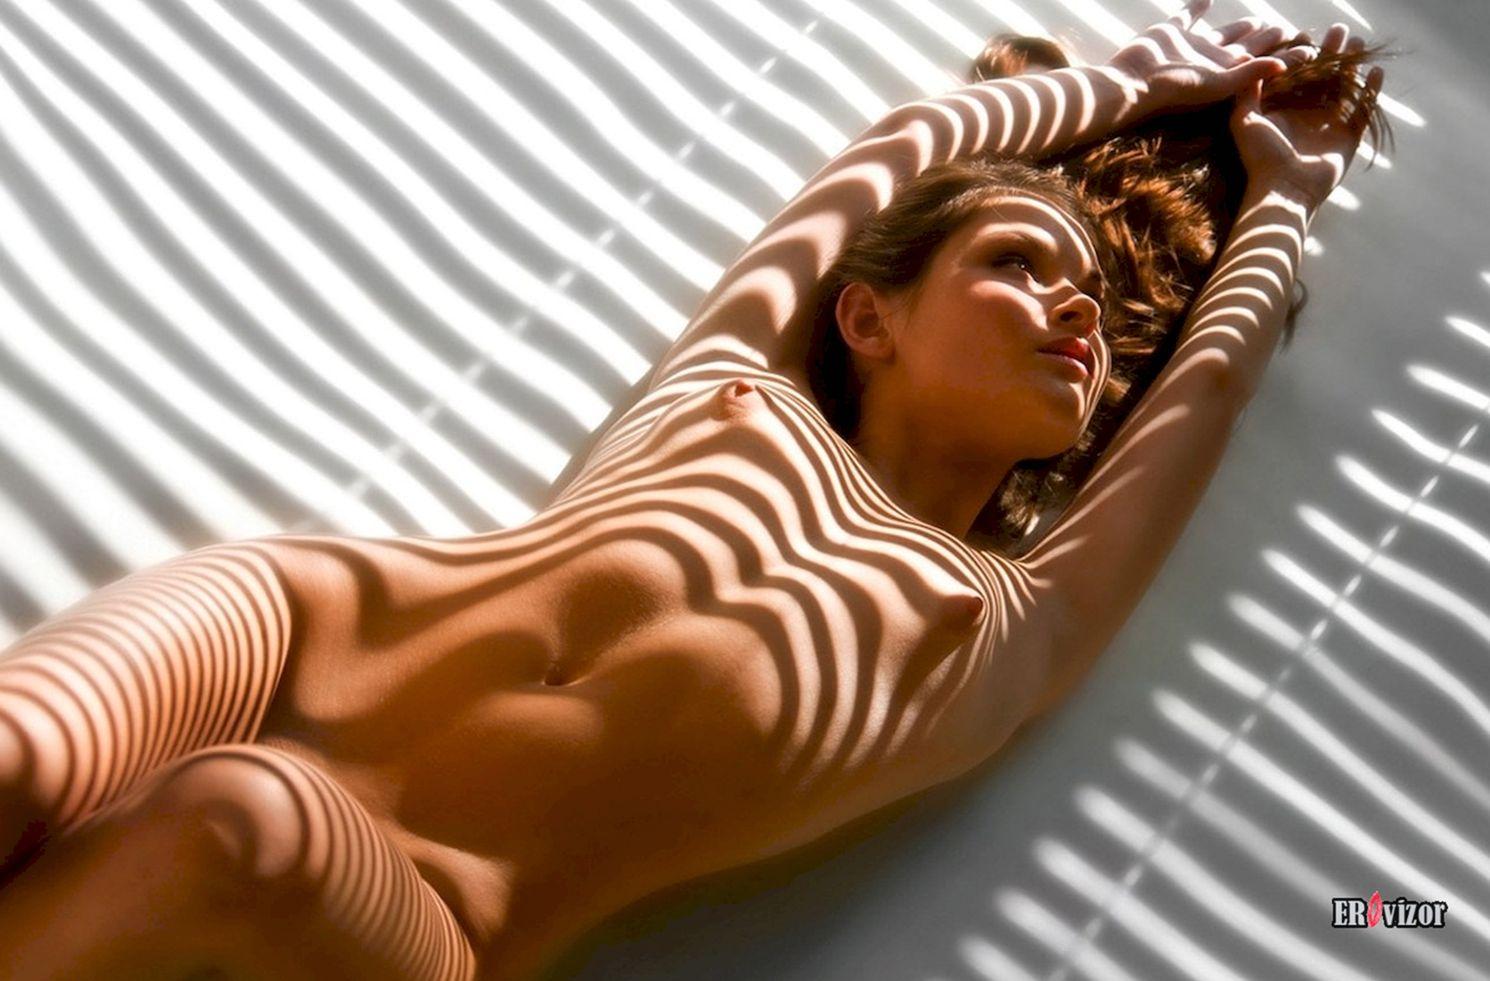 голая девушка и эротичная тень от жалюзи